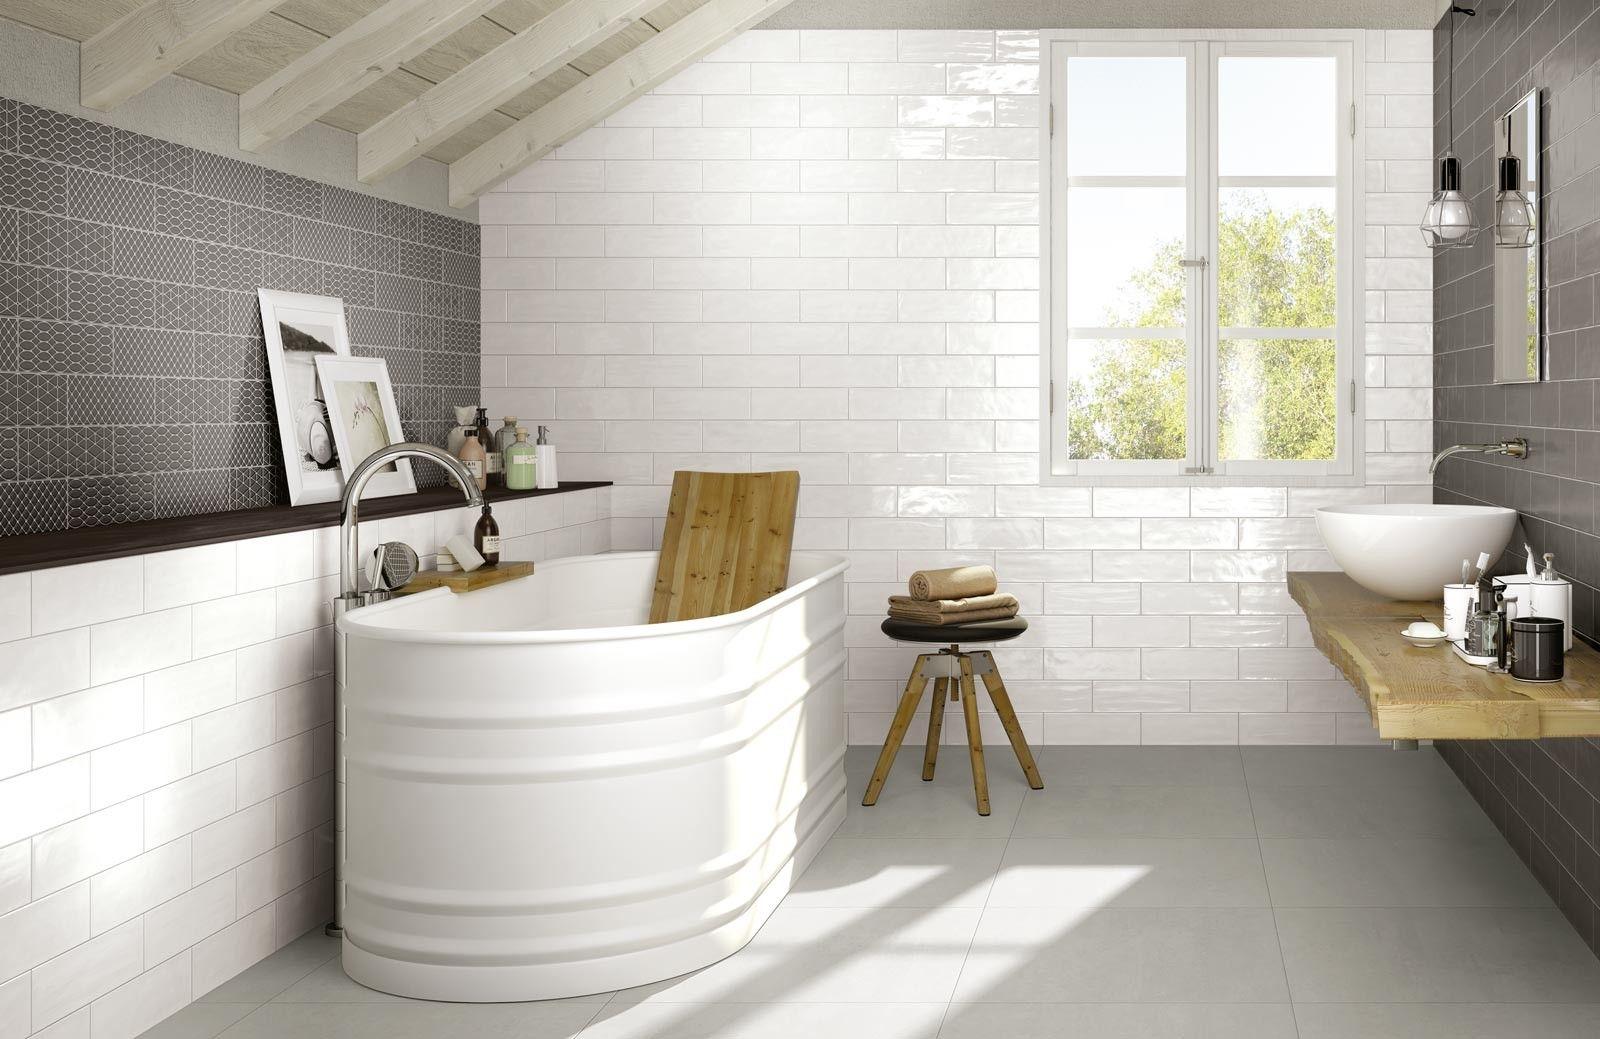 Interni Bagno ~ Rivestimenti da bagno ragno brick glossy.jpg 1600×1039